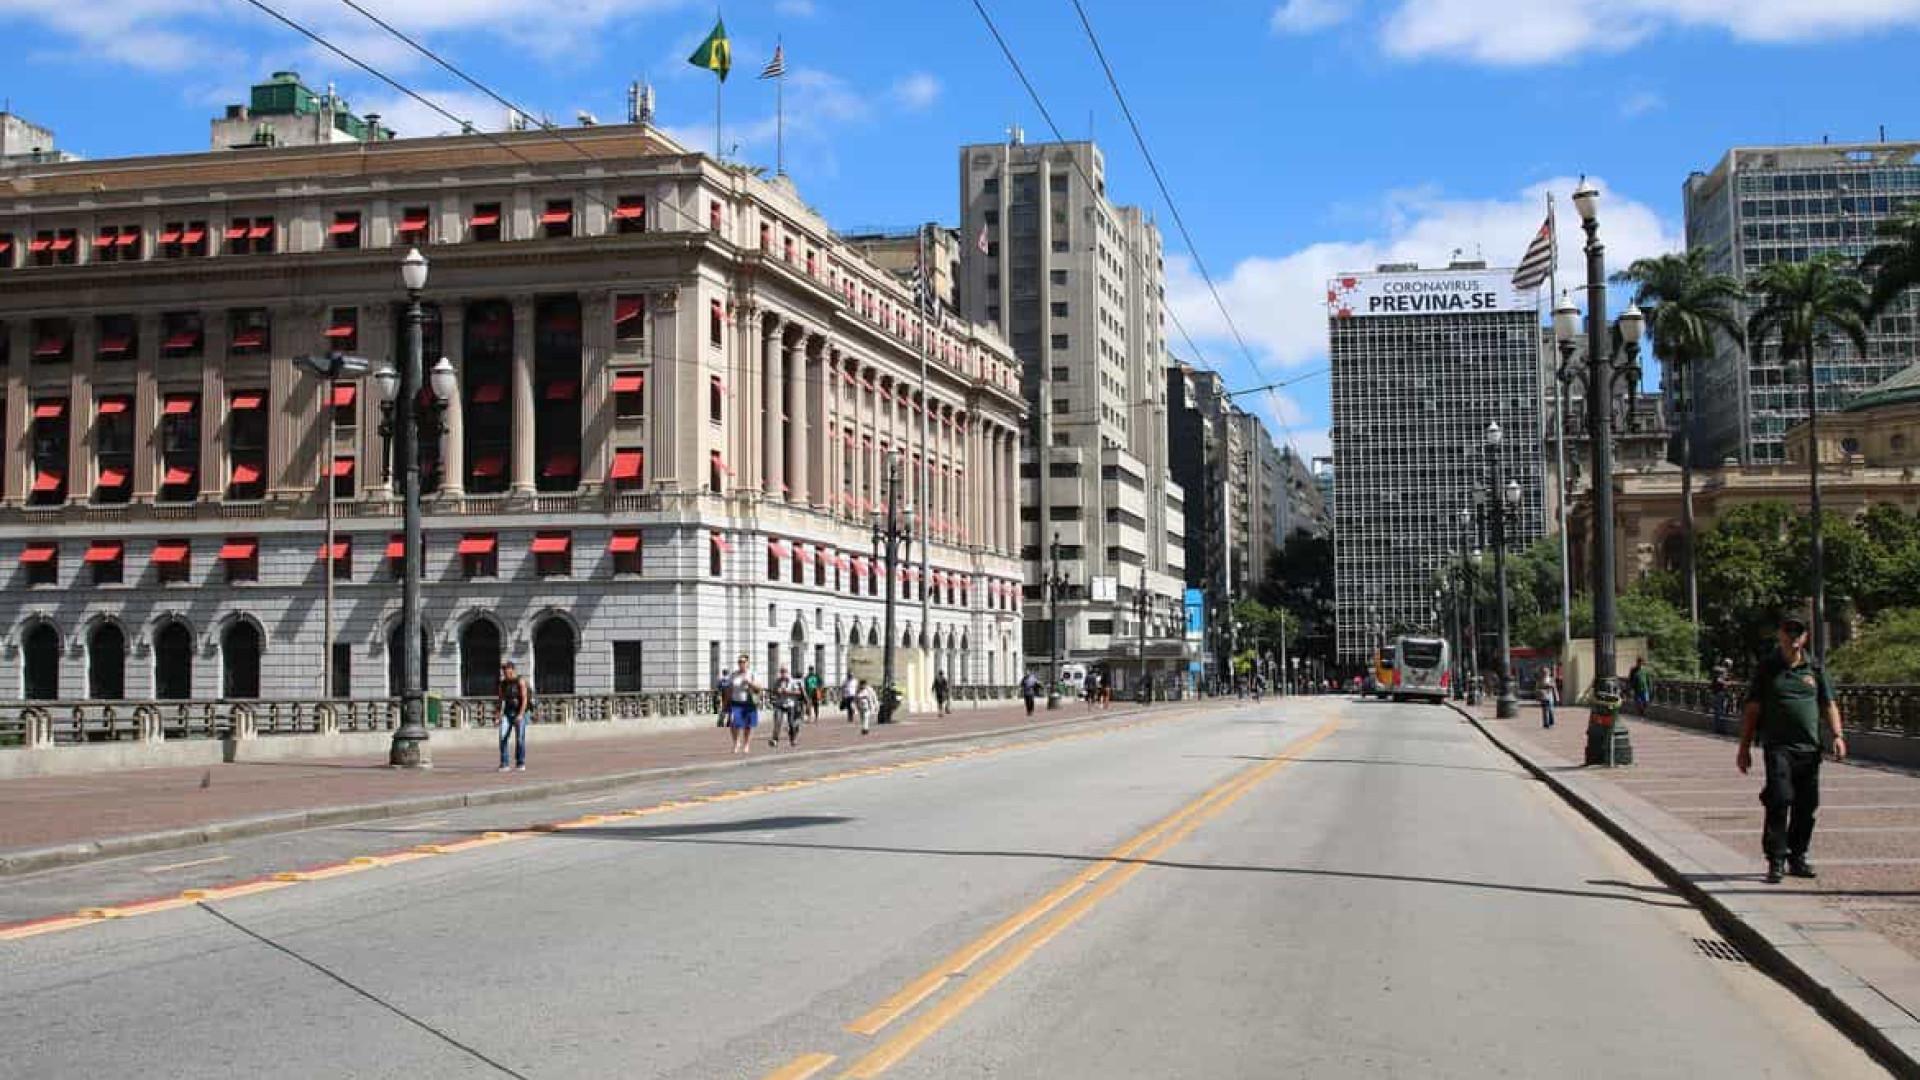 Prefeitura de SP estima retorno de R$ 60 bi com reforma